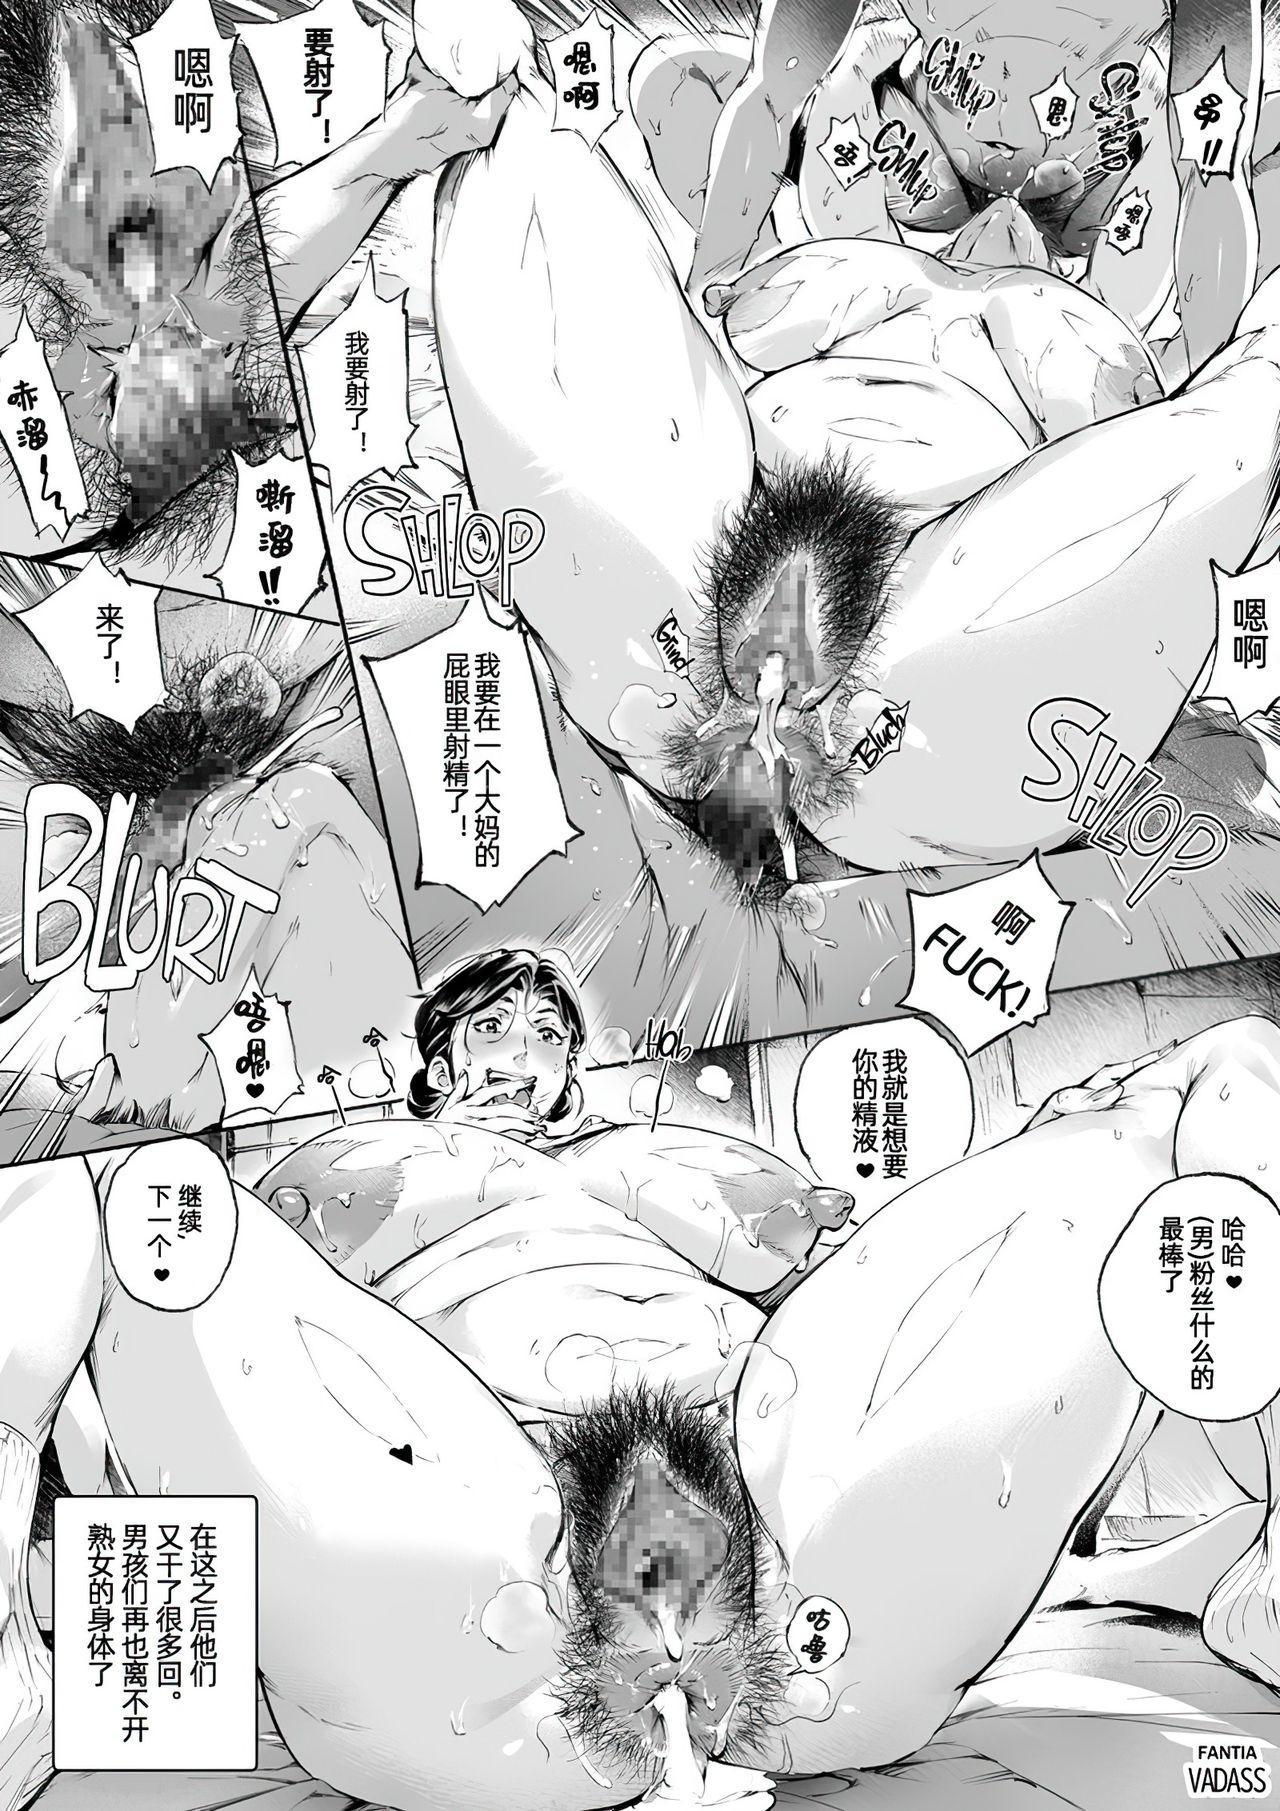 人妻かなえさん fanita 短篇漫合集 28